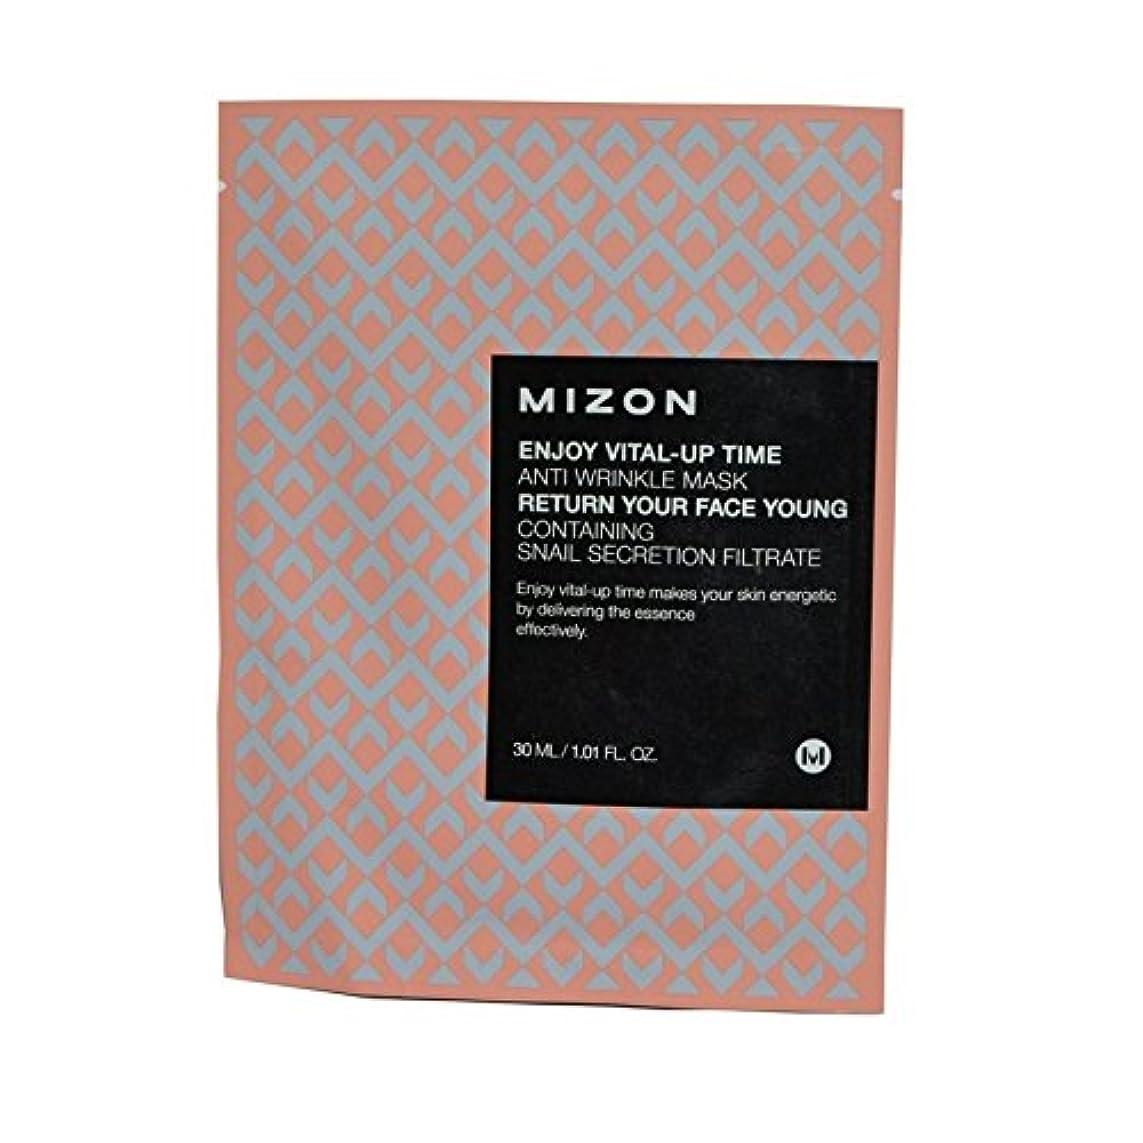 アナログ波気づかないが不可欠アップ時間抗しわマスクを楽しみます x2 - Mizon Enjoy Vital Up Time Anti-Wrinkle Mask (Pack of 2) [並行輸入品]